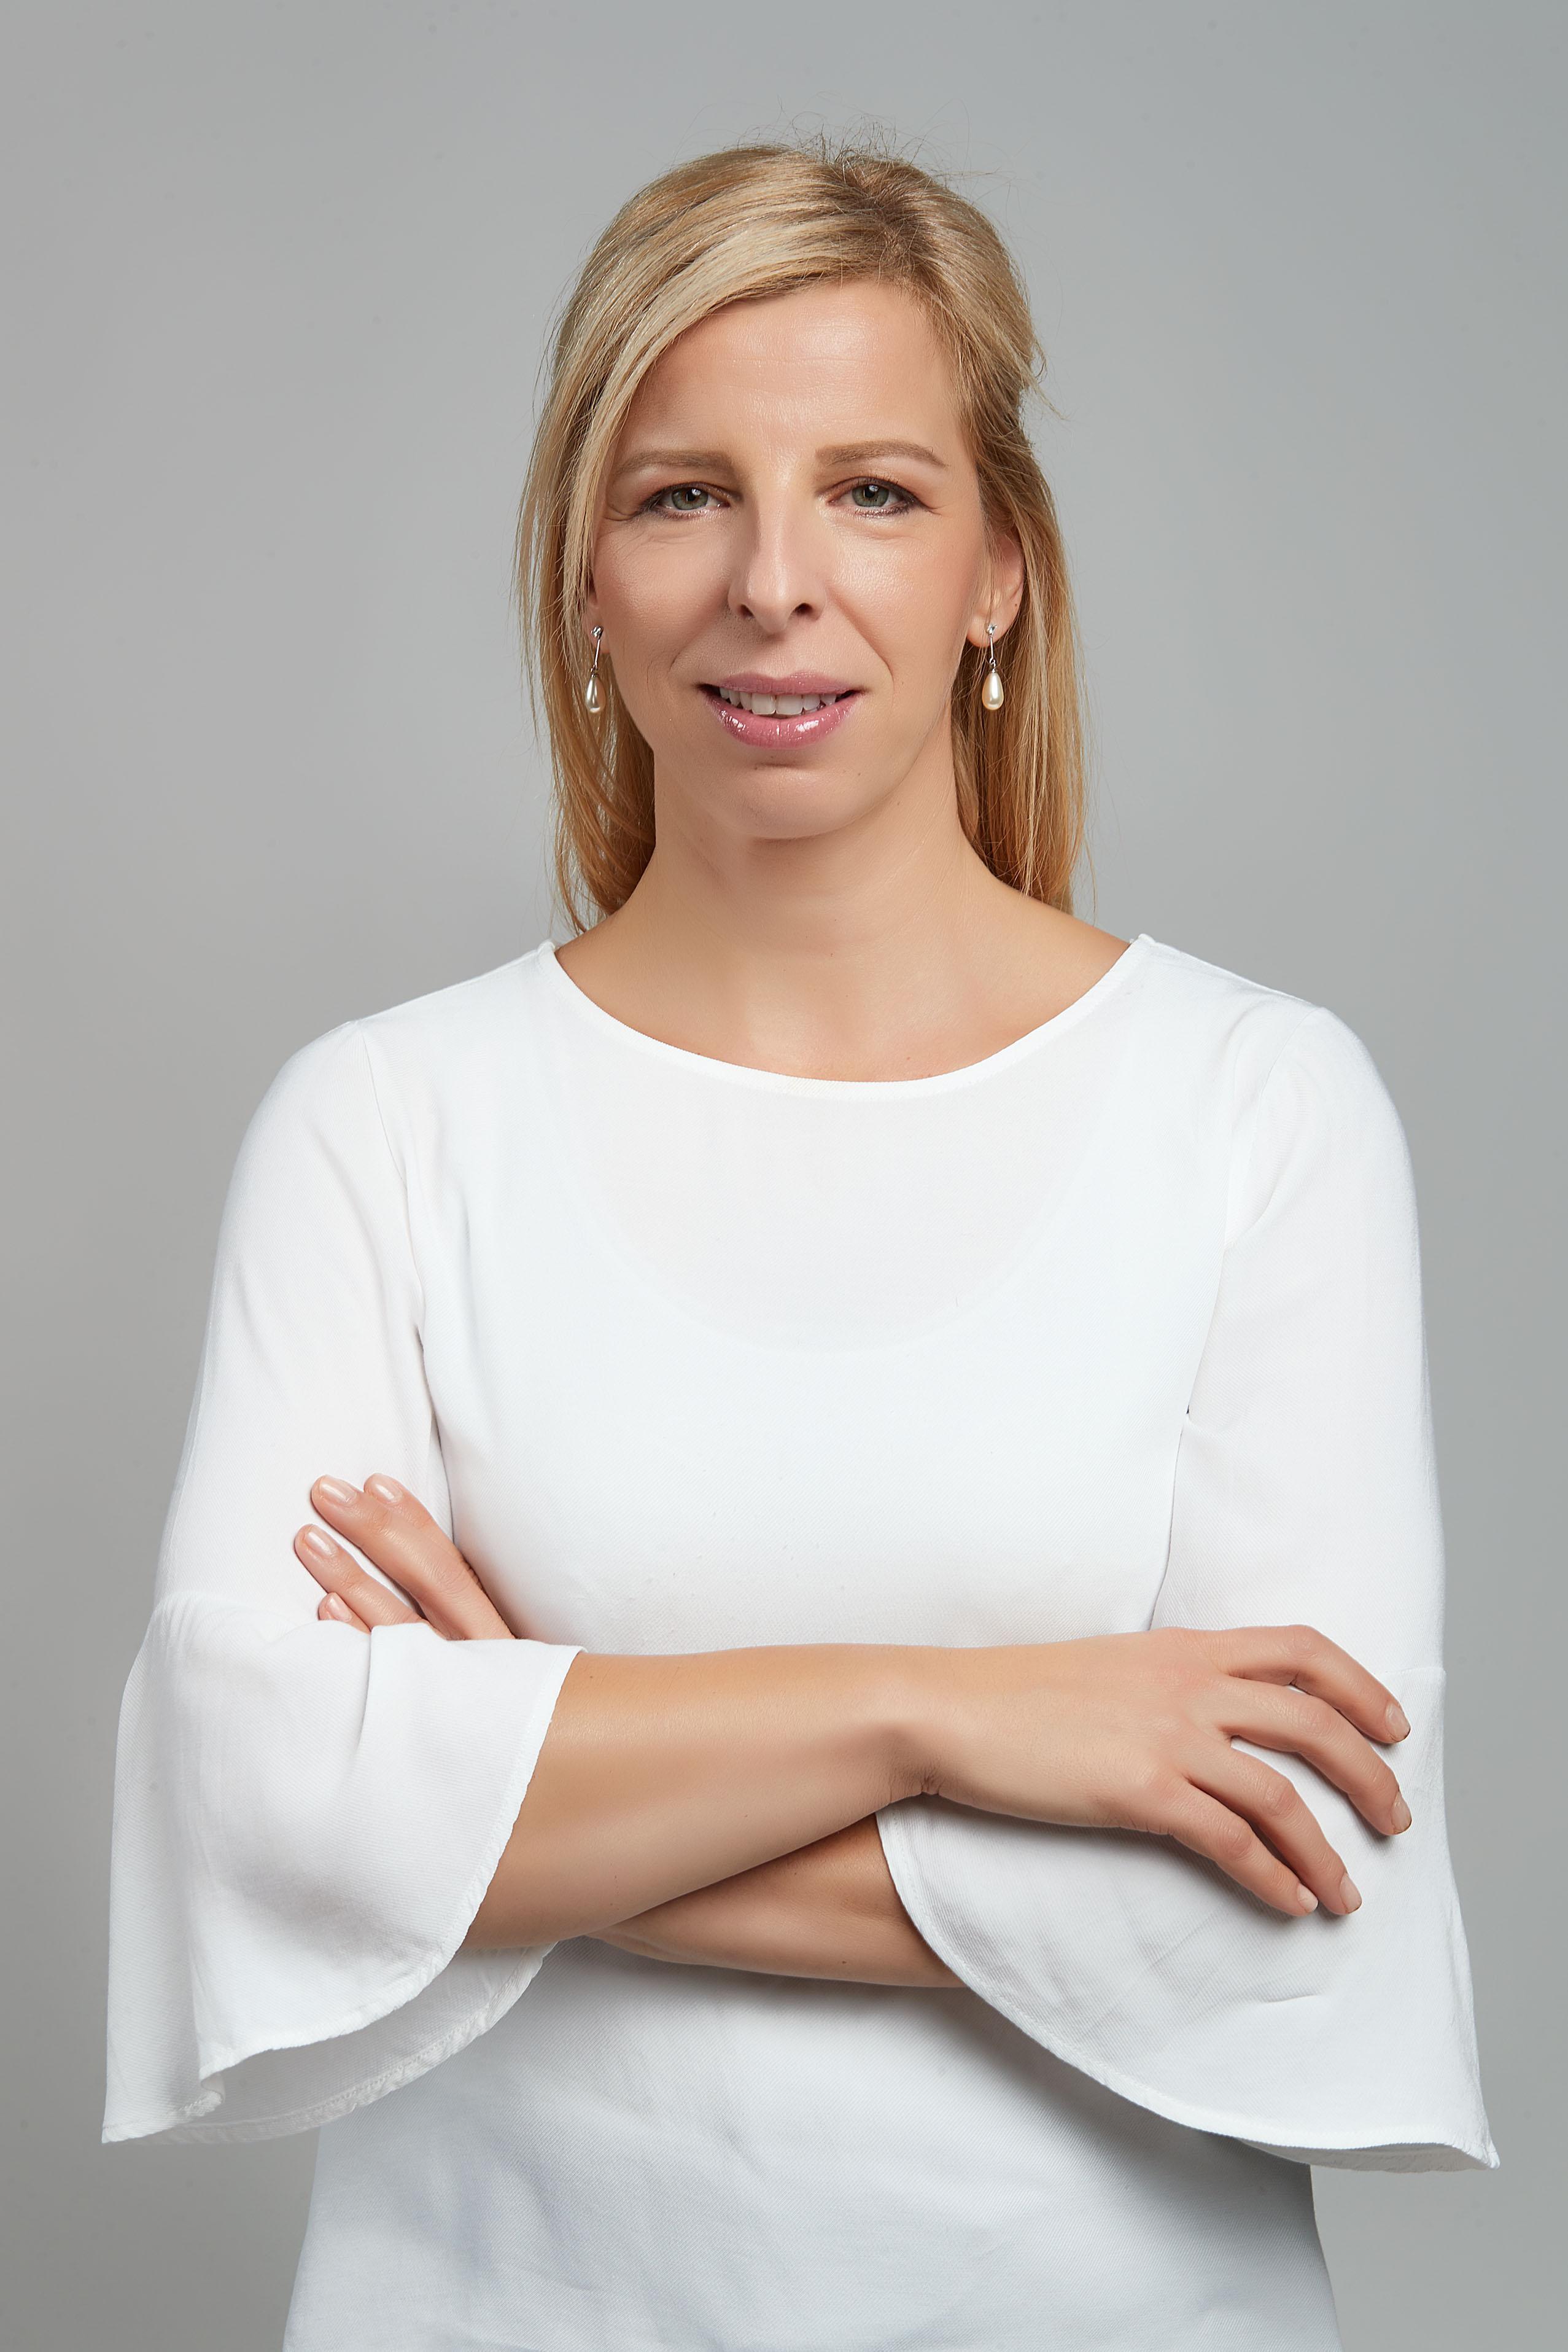 Zara Koteva